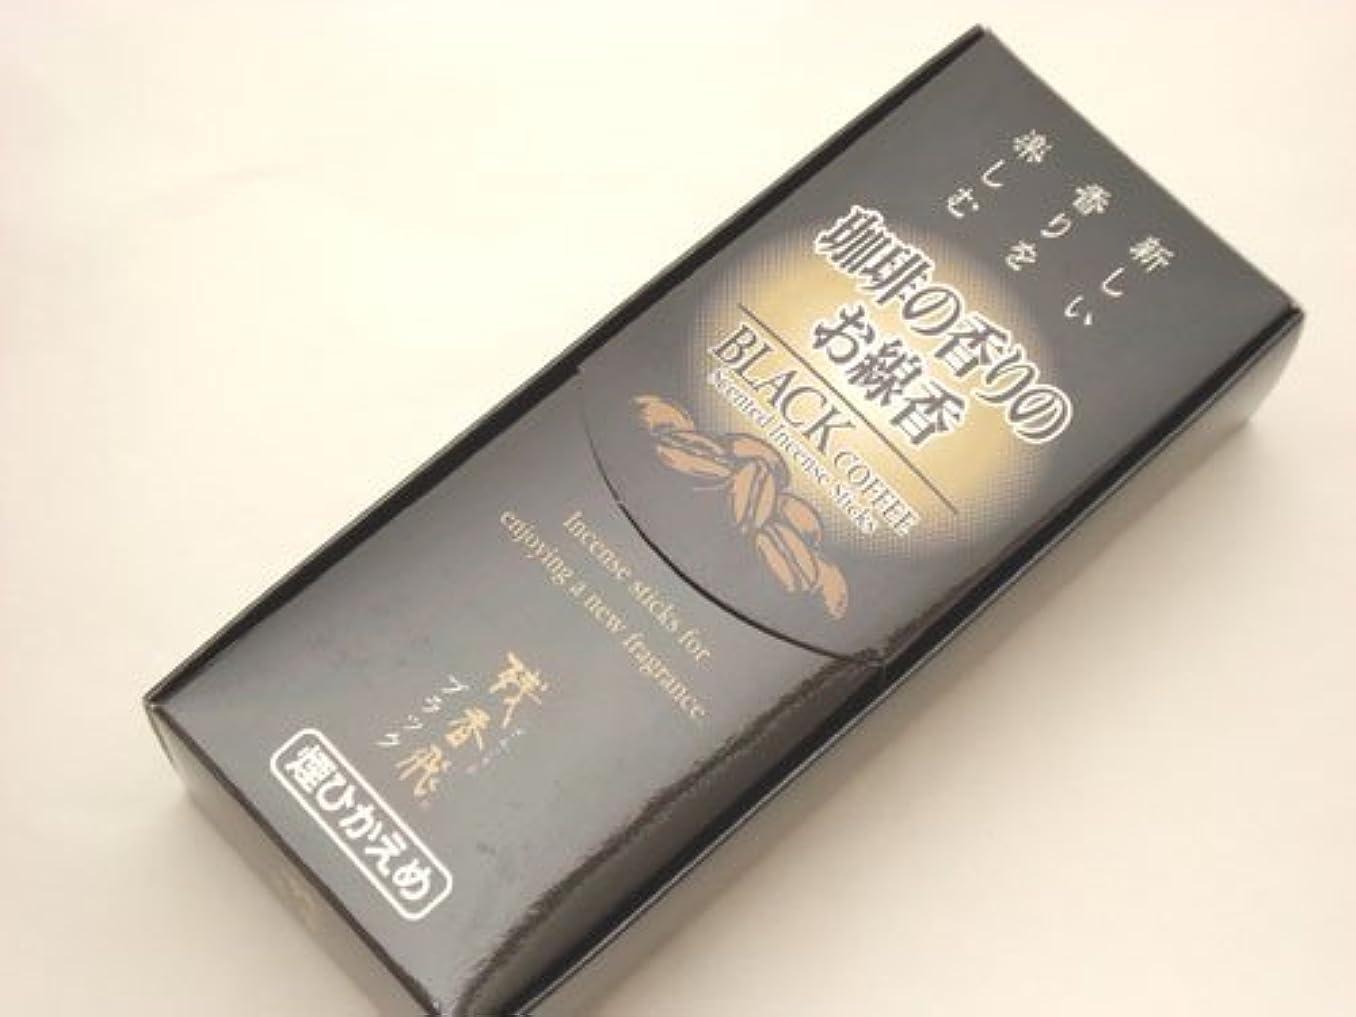 合体集団的に同意するコ-ヒーの香り 微煙タイプ【残香飛ブラック】(ざんこうひぶらっく)